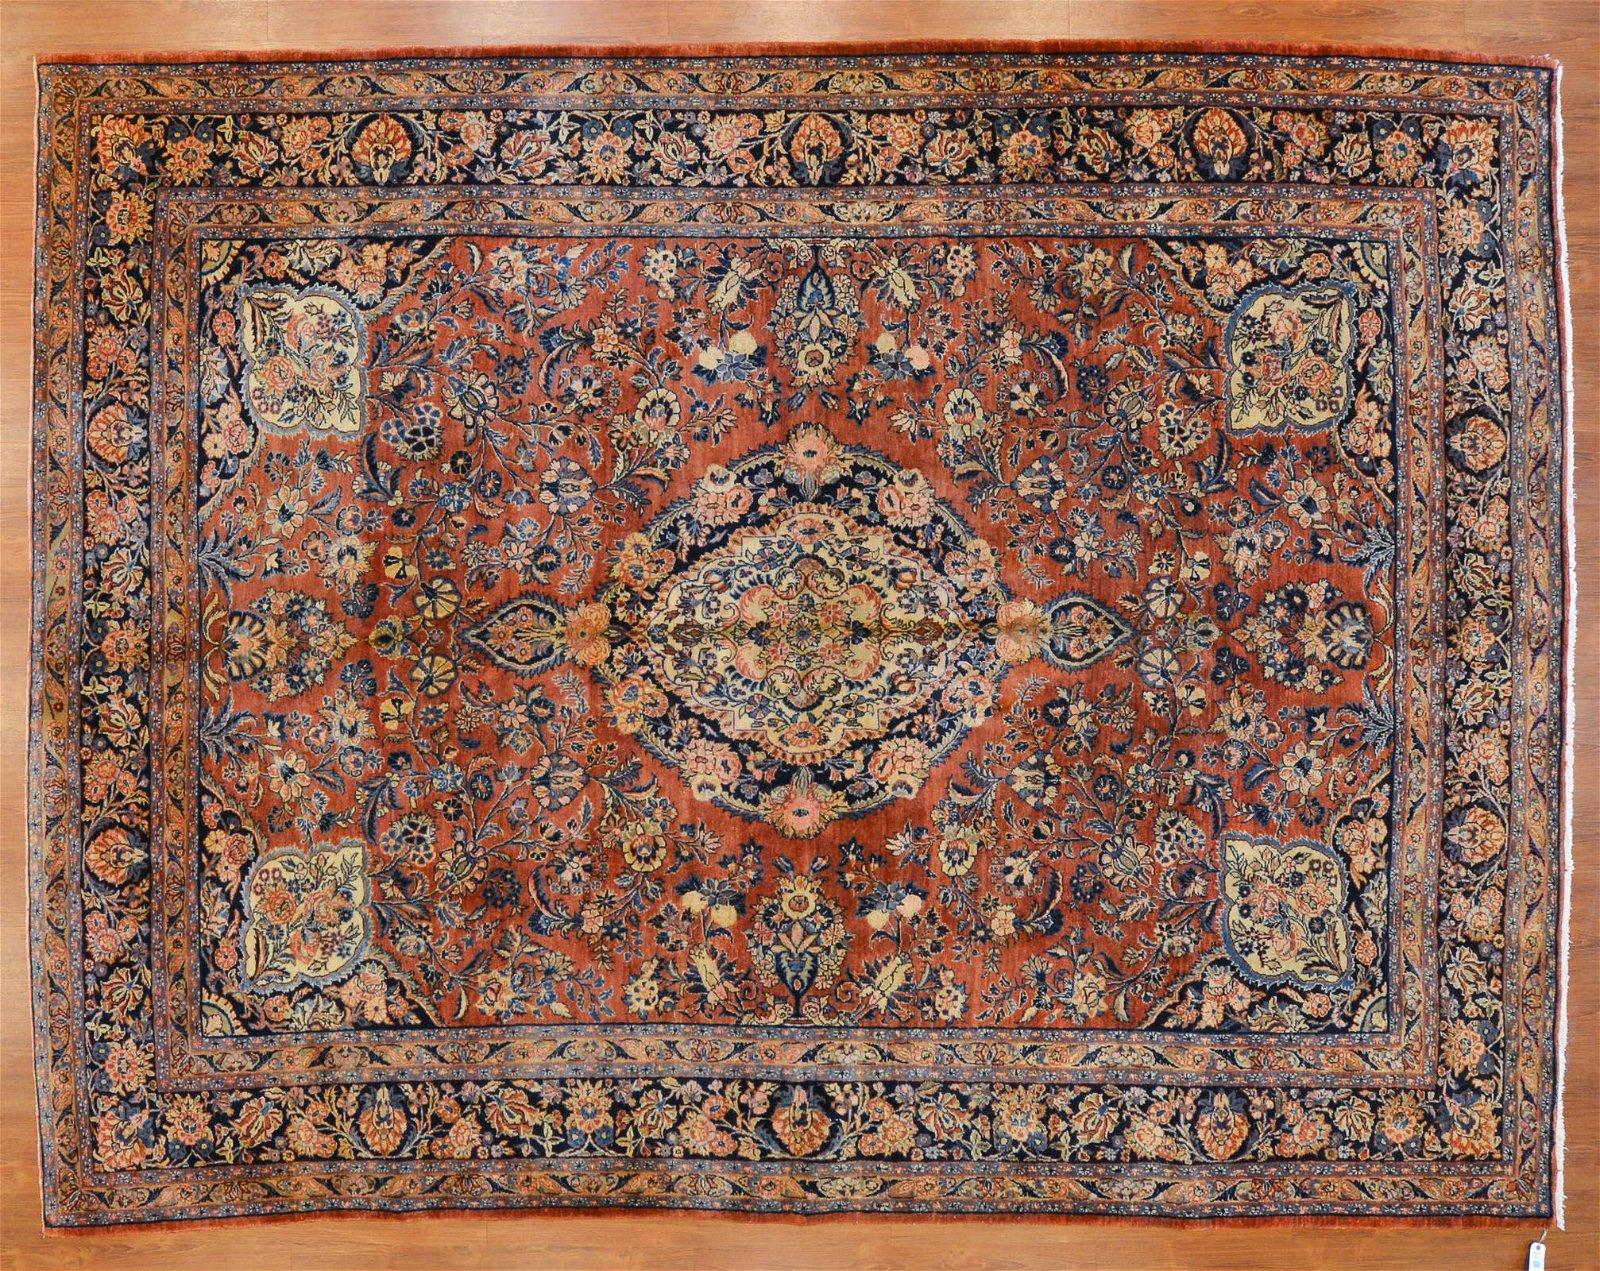 Semi-Antique Kazvin Rug, Persia, 8.9 x 11.7